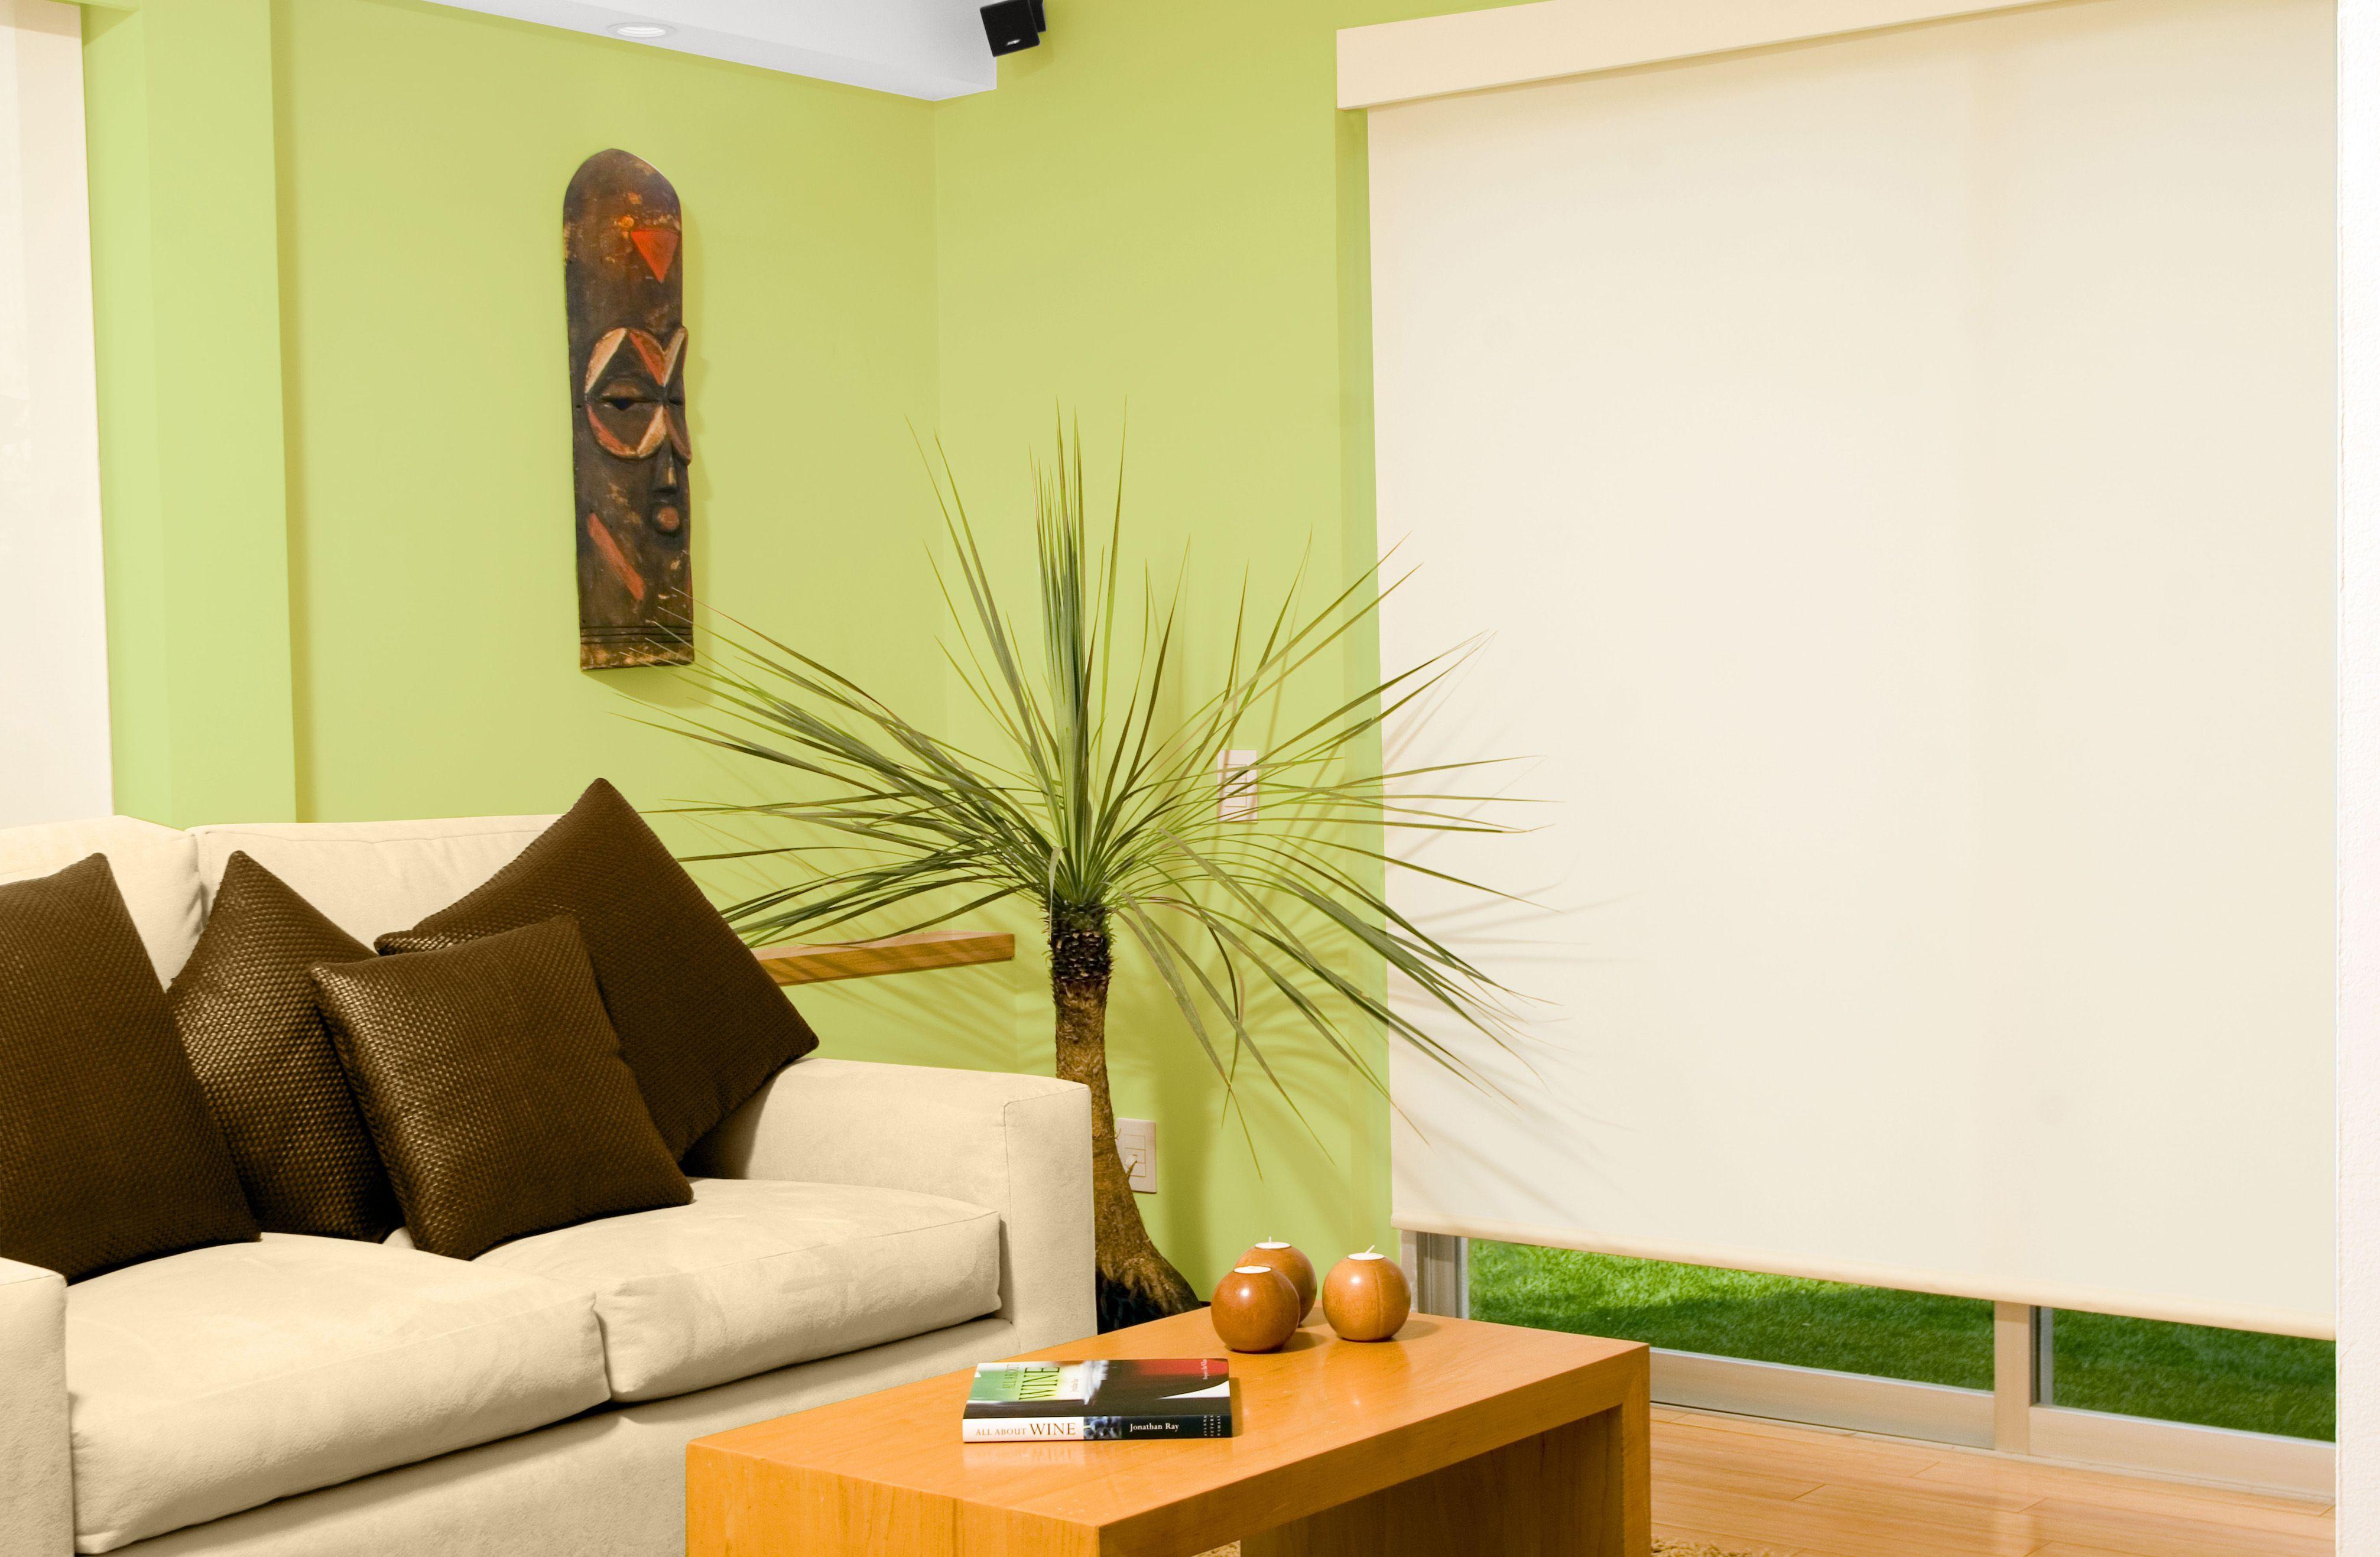 Un Verde Mas Claro Dara Claridad A Tu Estancia Decoracion De Muros Colores Para Casas Decoracion De Interiores